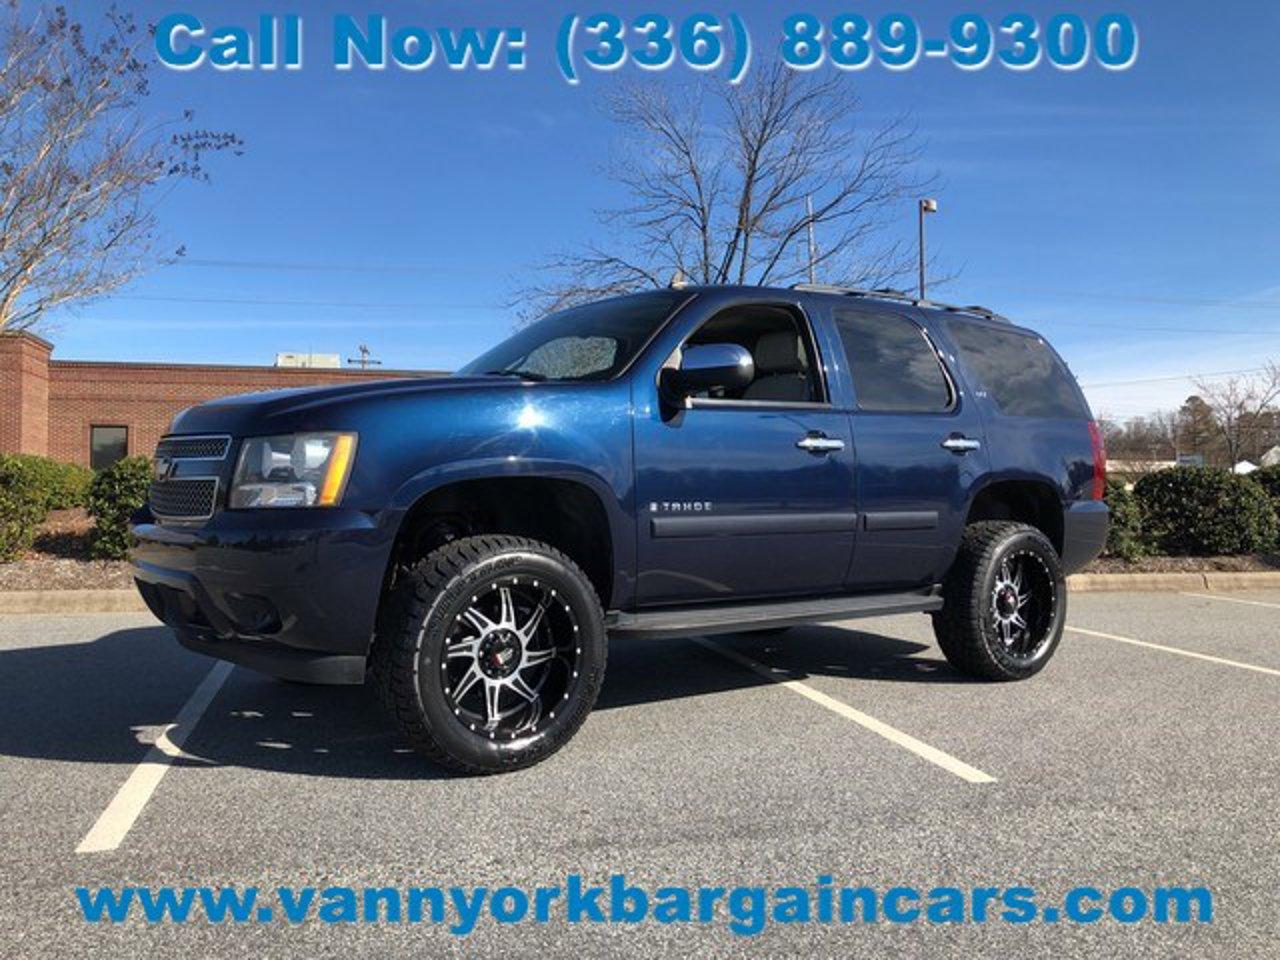 2008 Chevrolet Tahoe Ltz 1gnfk13058r155342 Vann York Bargain Cars High Point Nc